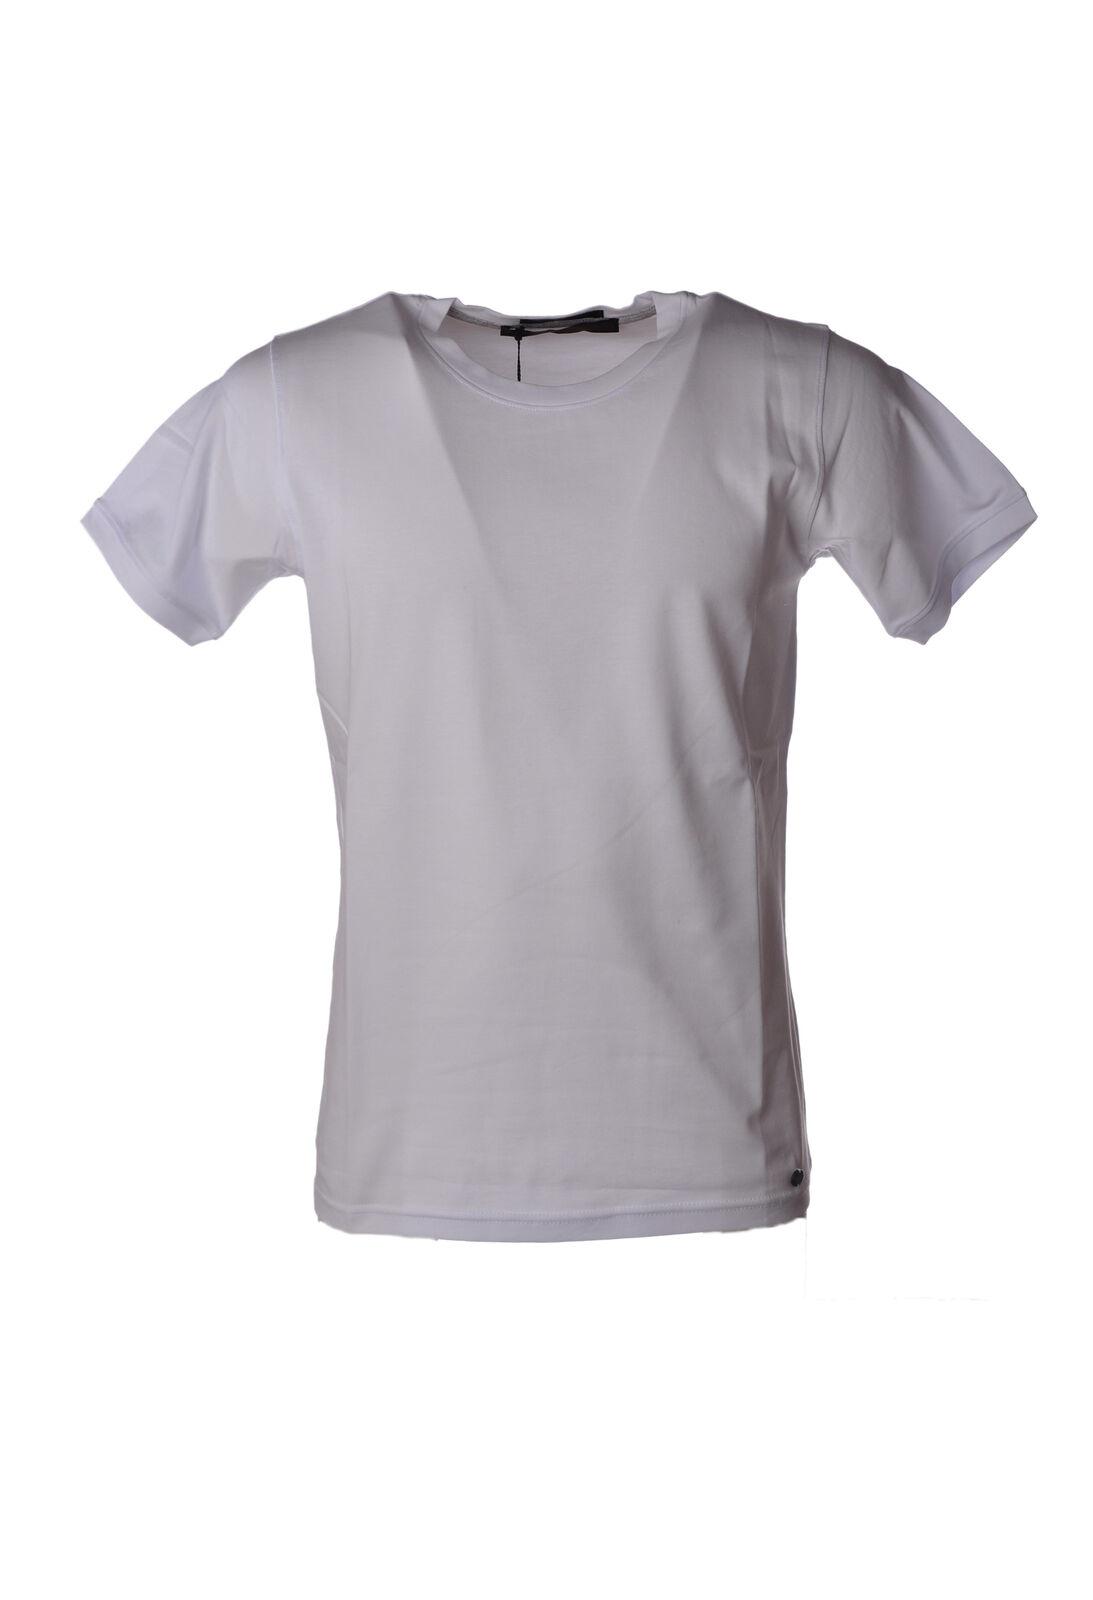 Laboratori Italiani - Topwear-T-hemds - Mann - Weiß - 5018427G191321